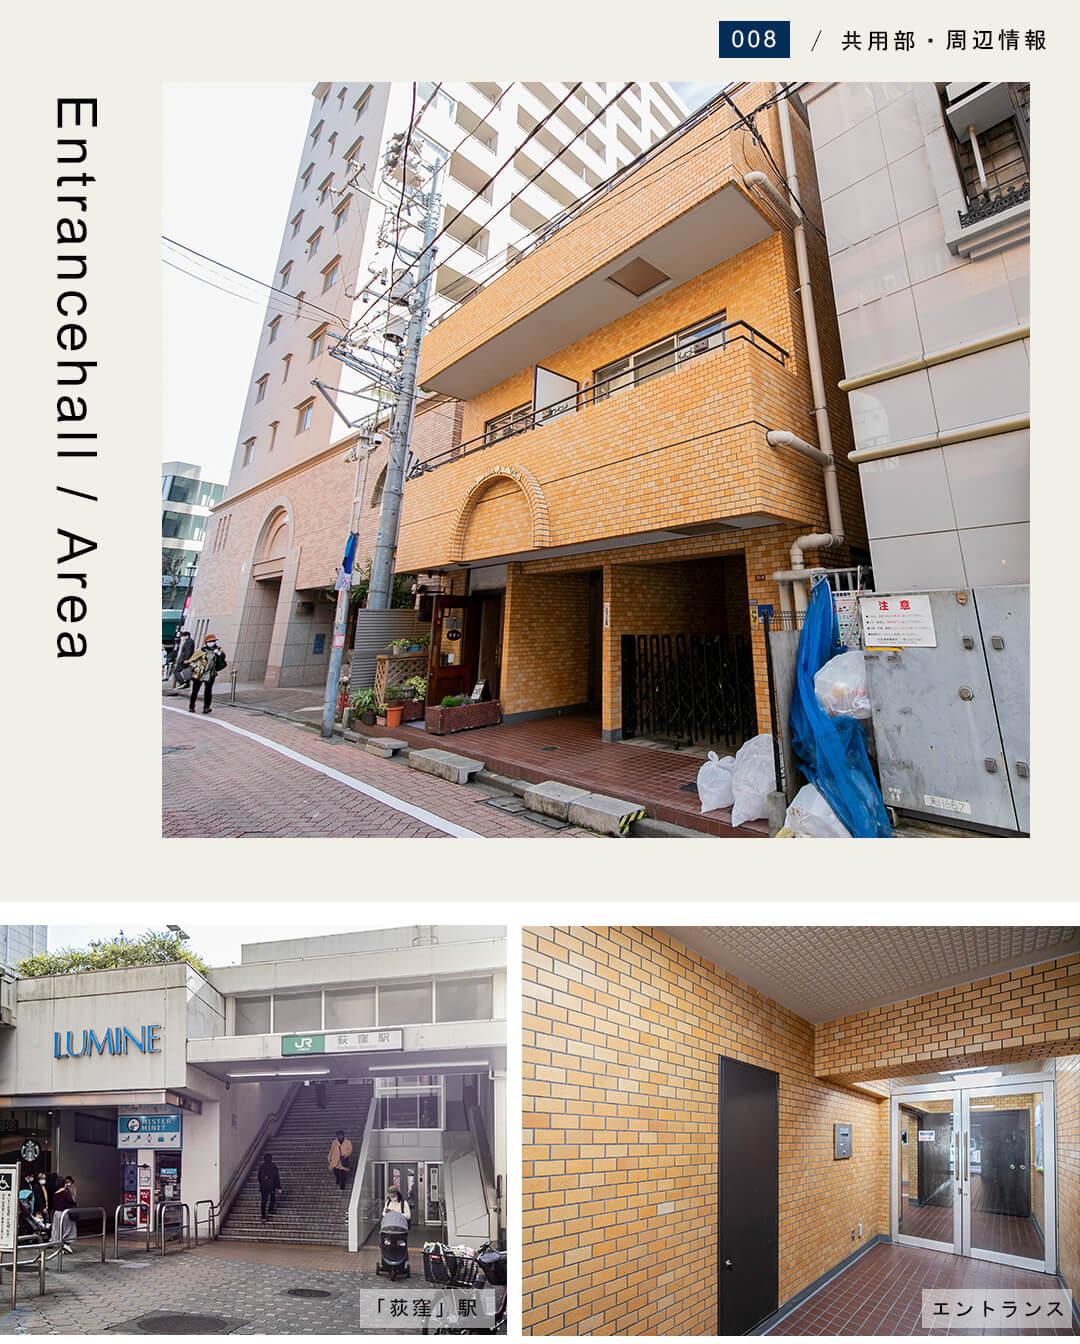 ライオンズマンション荻窪第6の外観と共用部と周辺情報